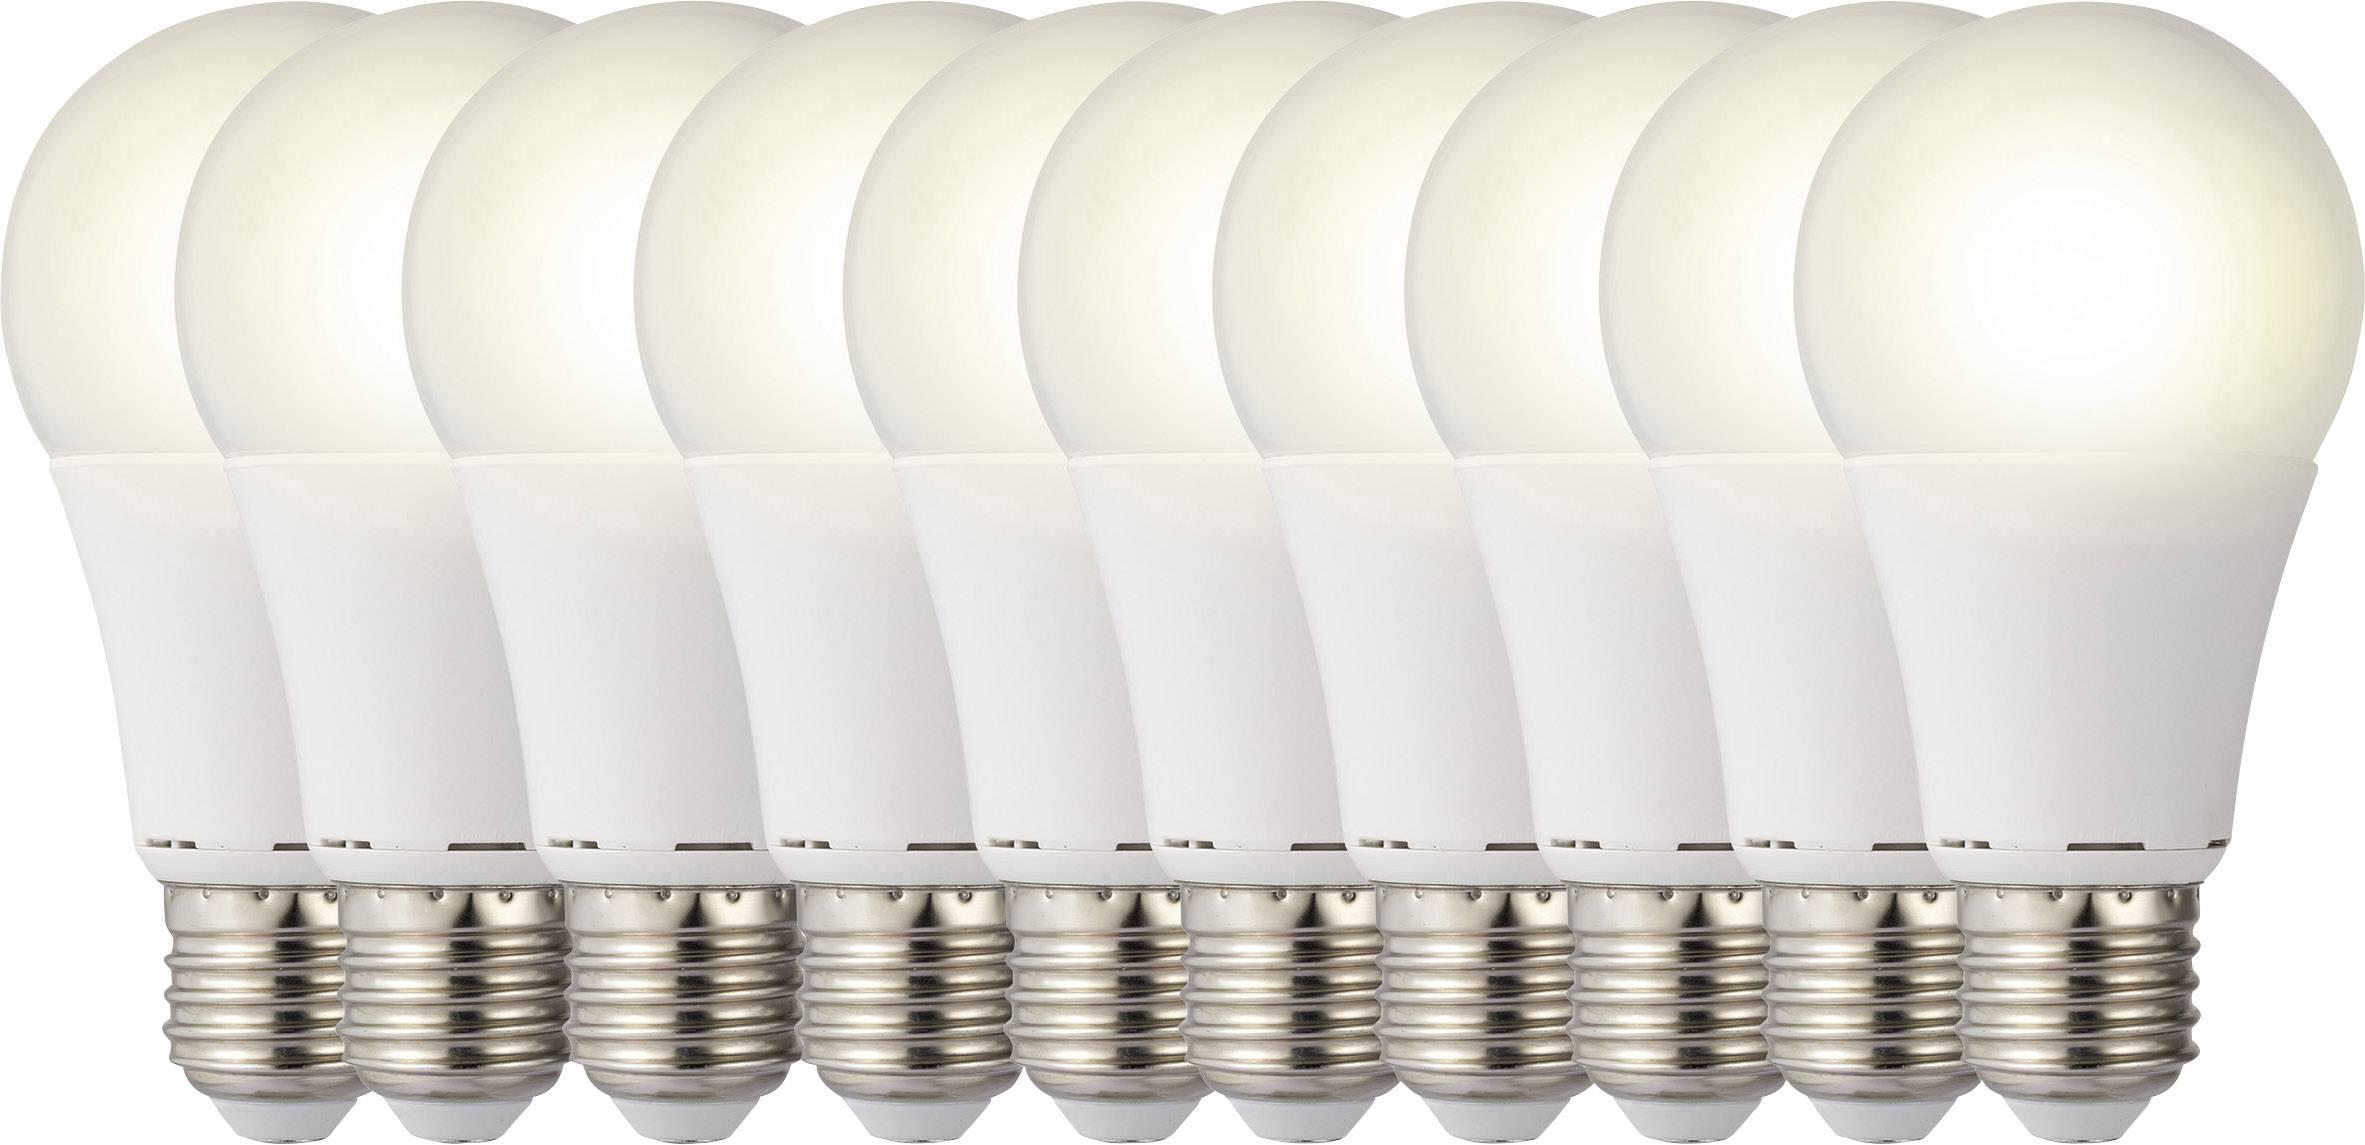 10 - dílná sada LED žárovek Sygonix 230 V E27 9.5 W = 60 W 119 mm teplá bílá A+